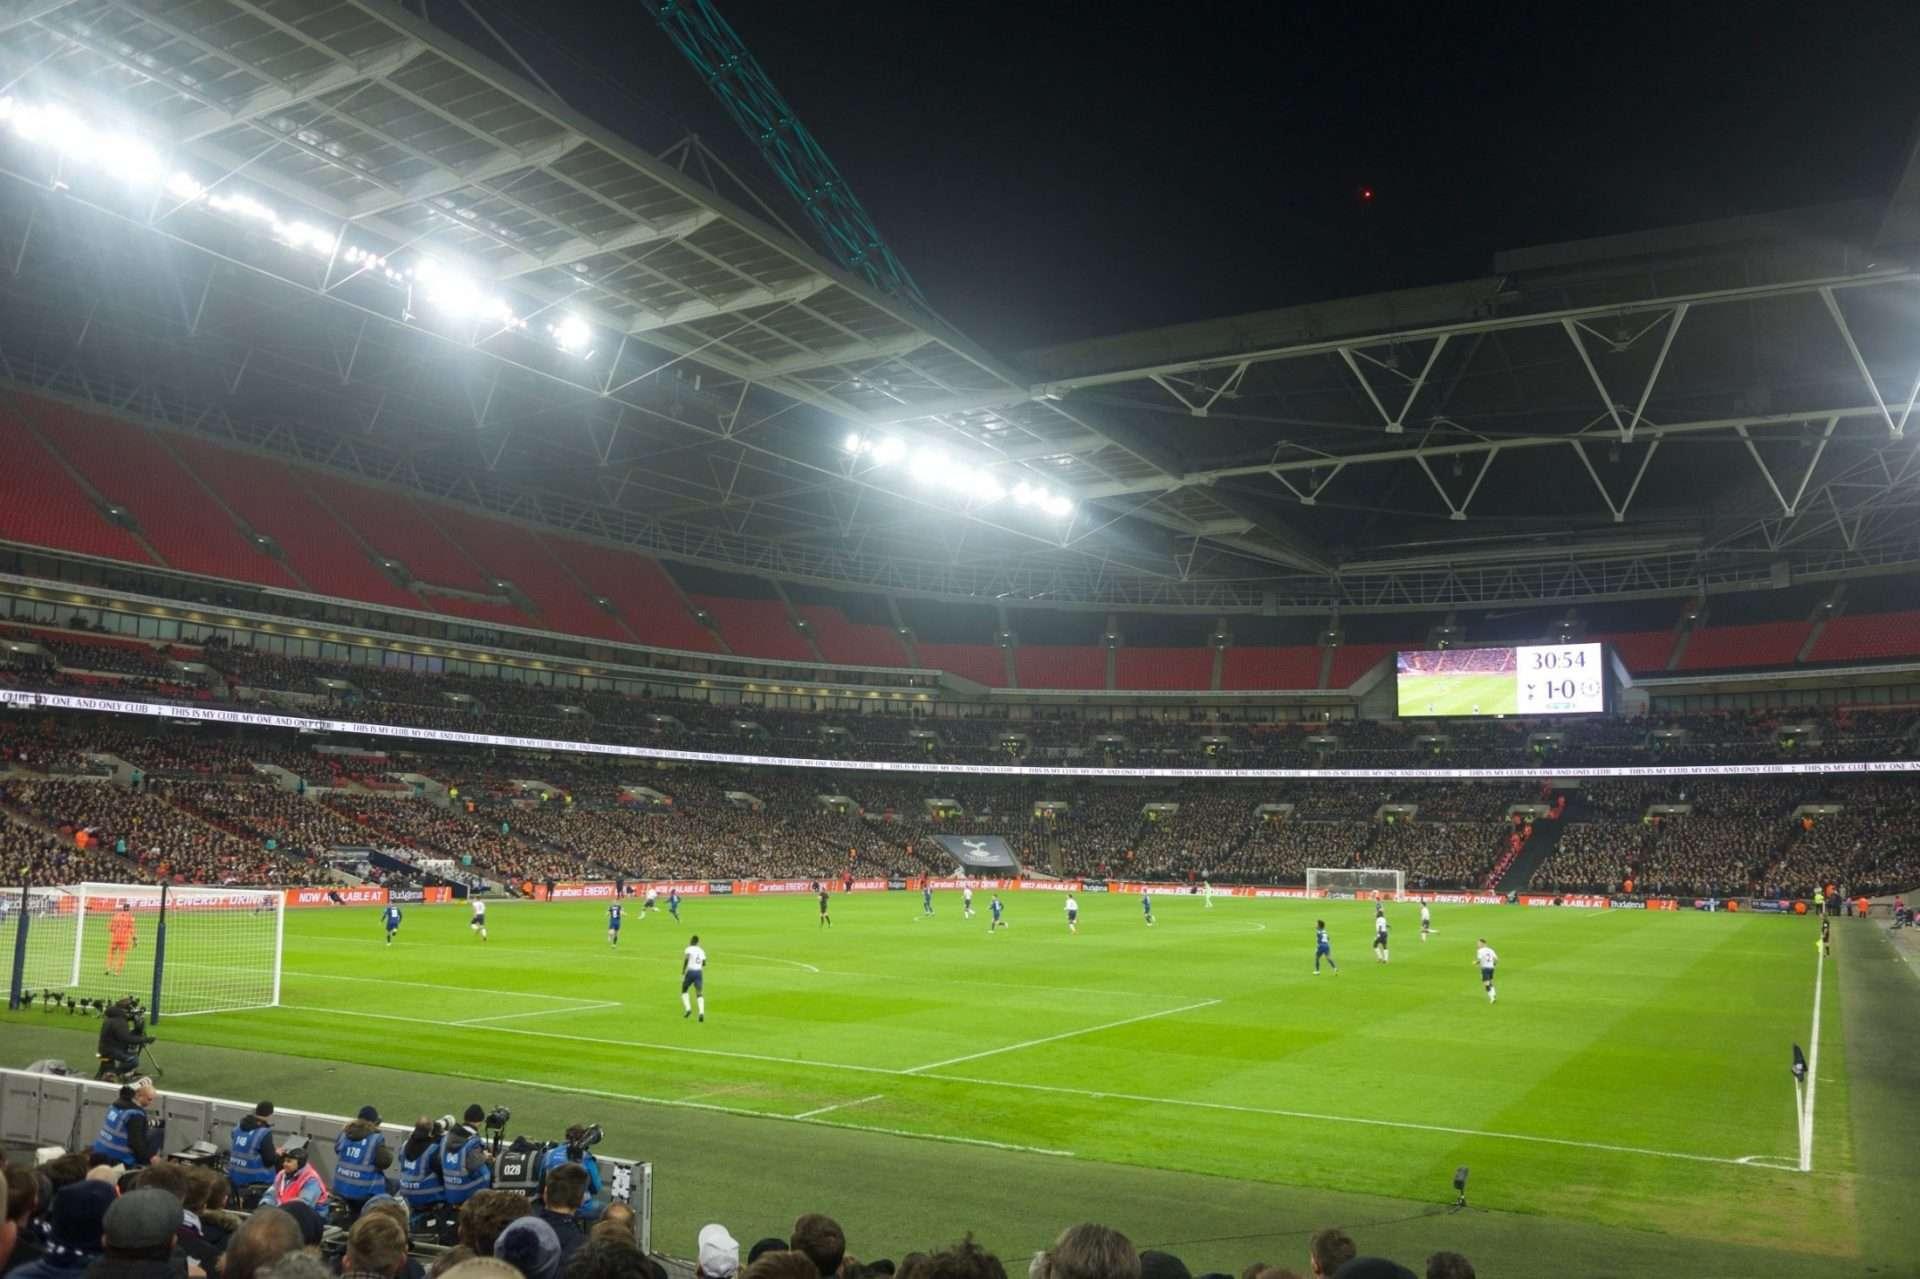 Wembley Stadium UEFA 2020